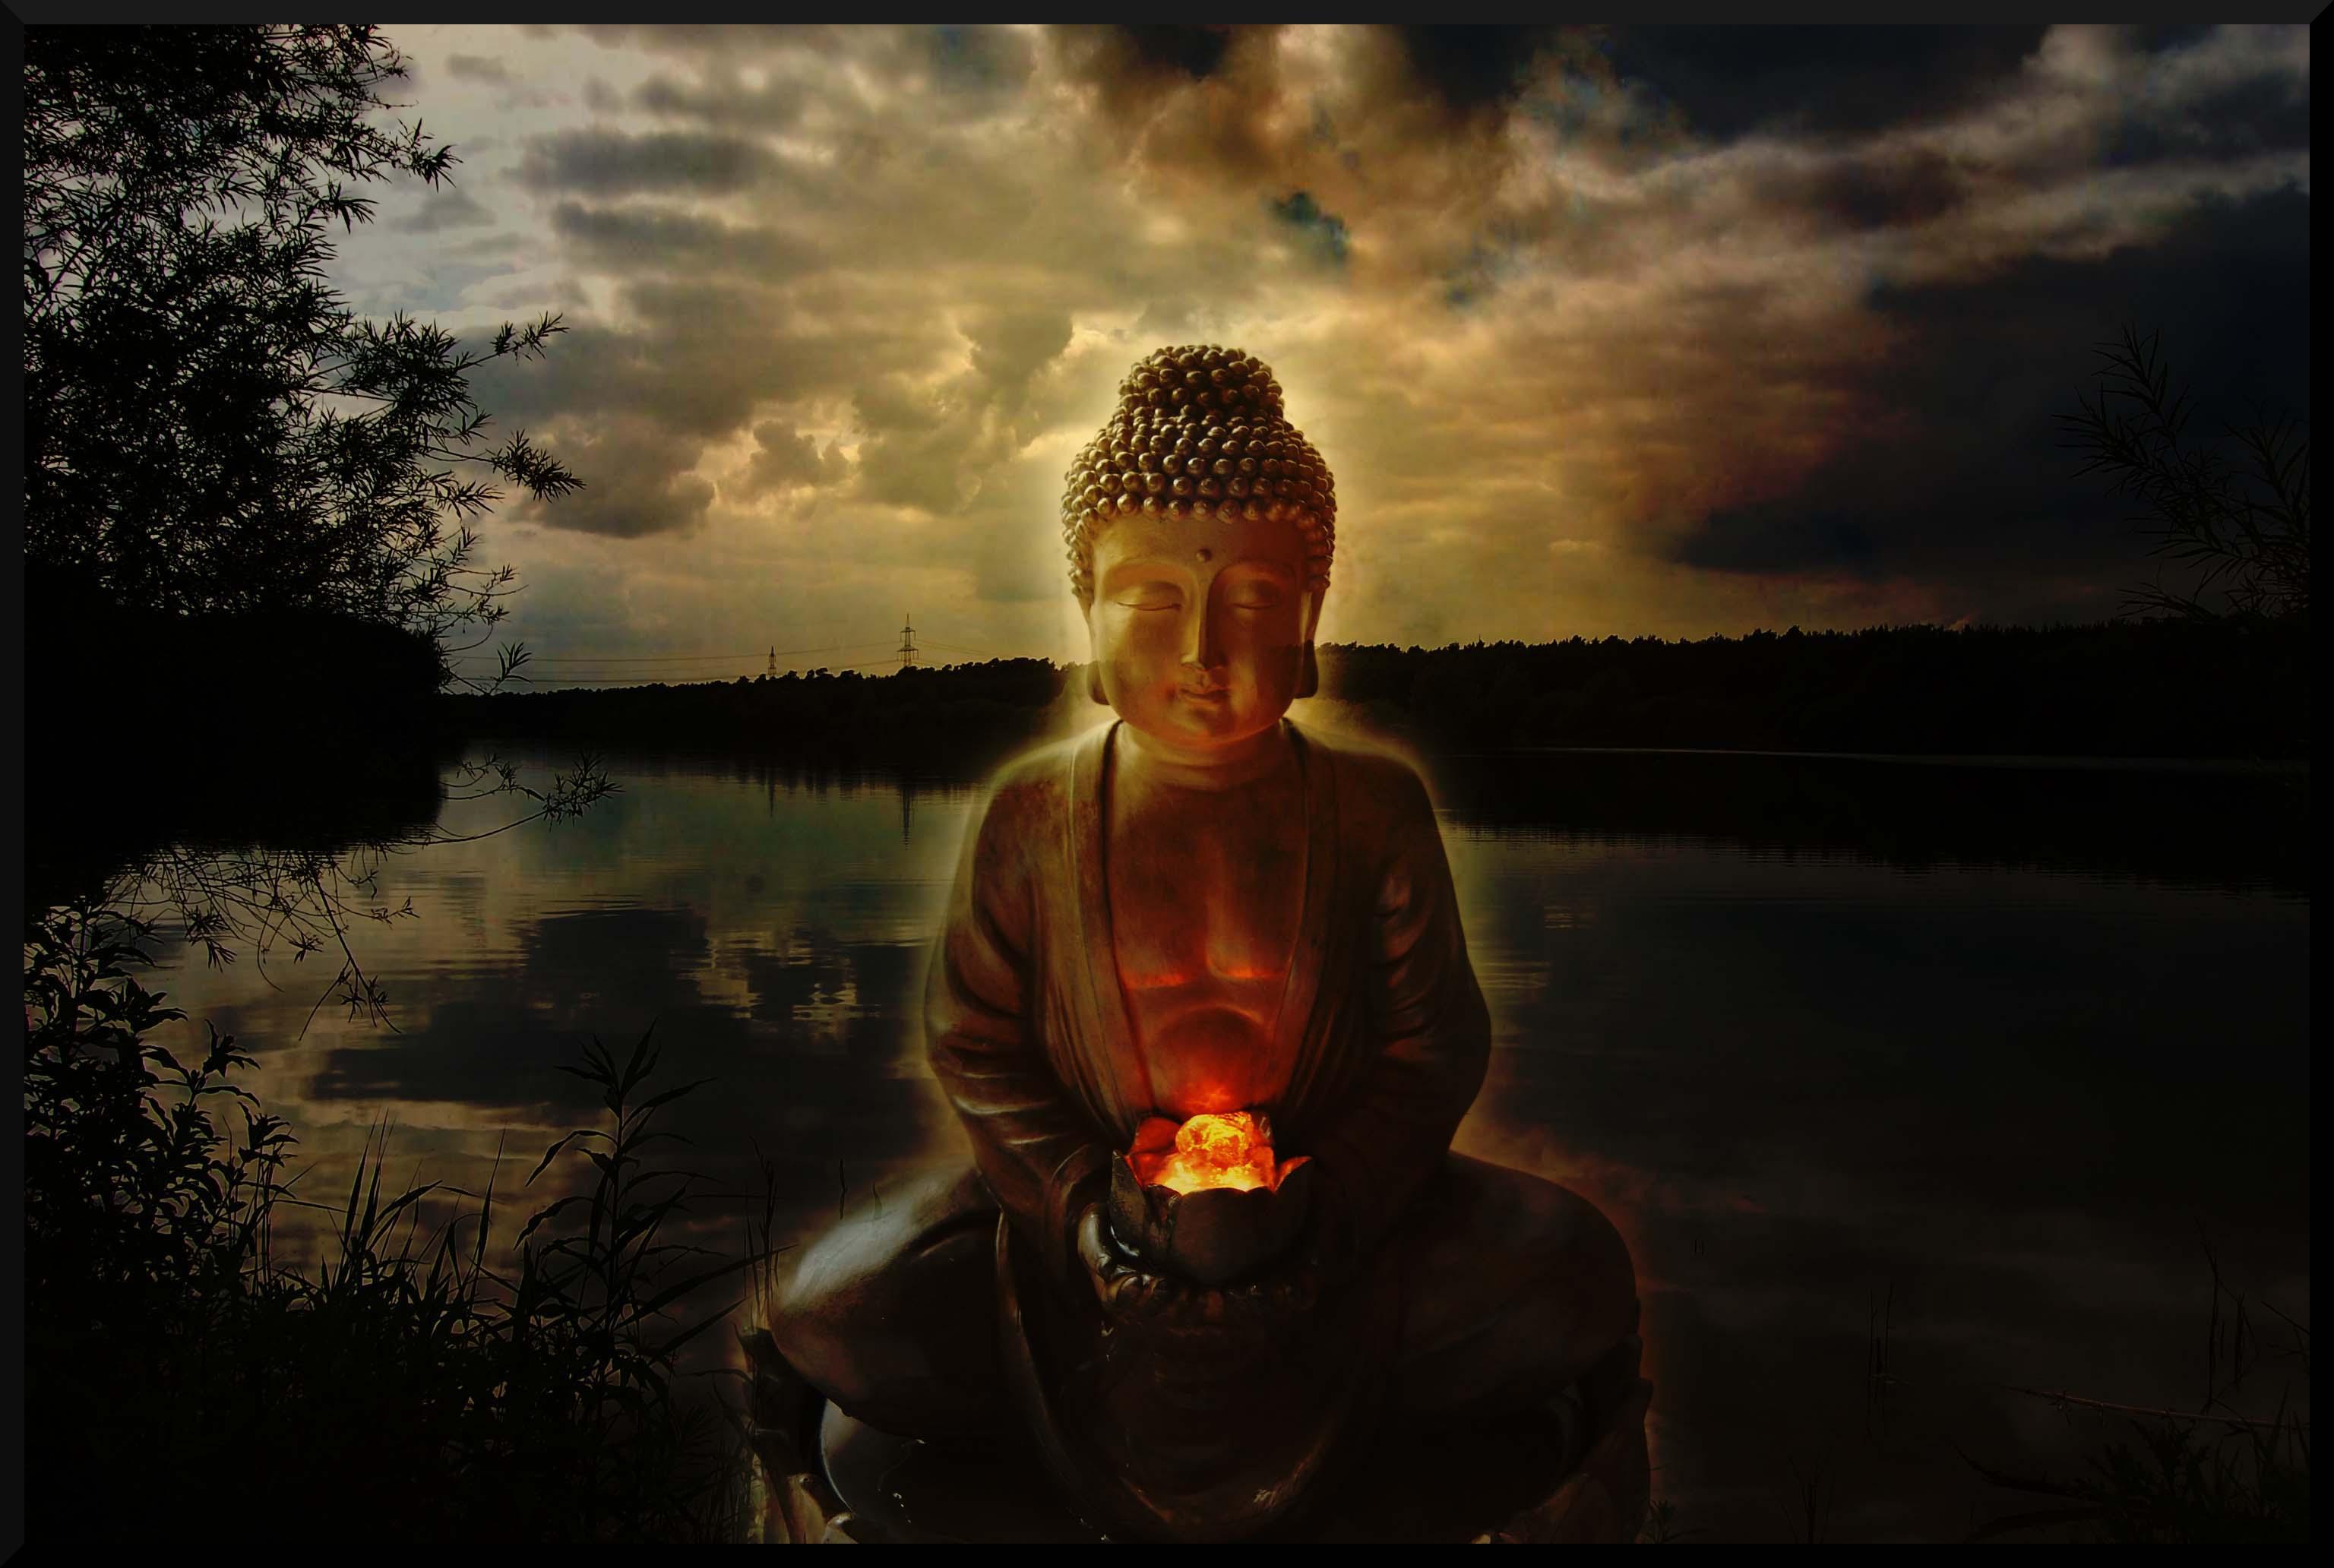 Tantra Budha am Rhein in köln